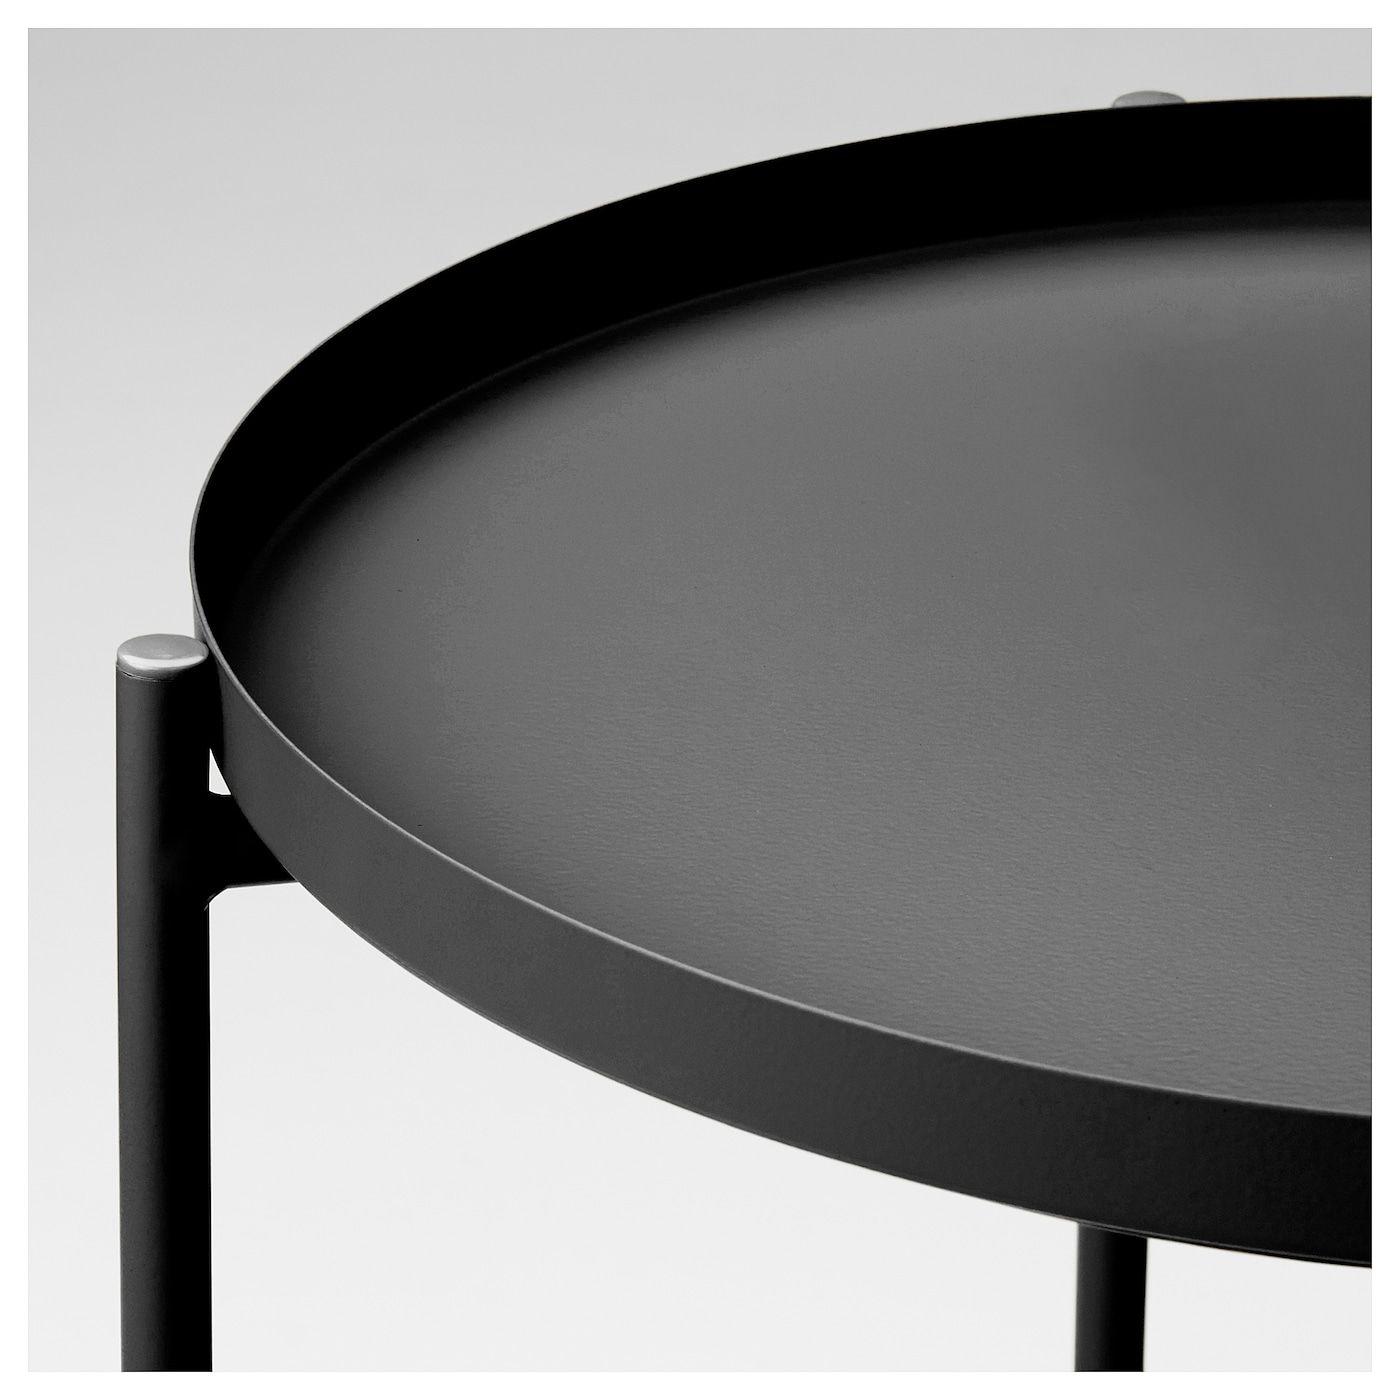 Gladom Tray Table Black 17 1 2x20 5 8 Ikea Tray Table Round Black Coffee Table Ikea Tray Table [ 1400 x 1400 Pixel ]